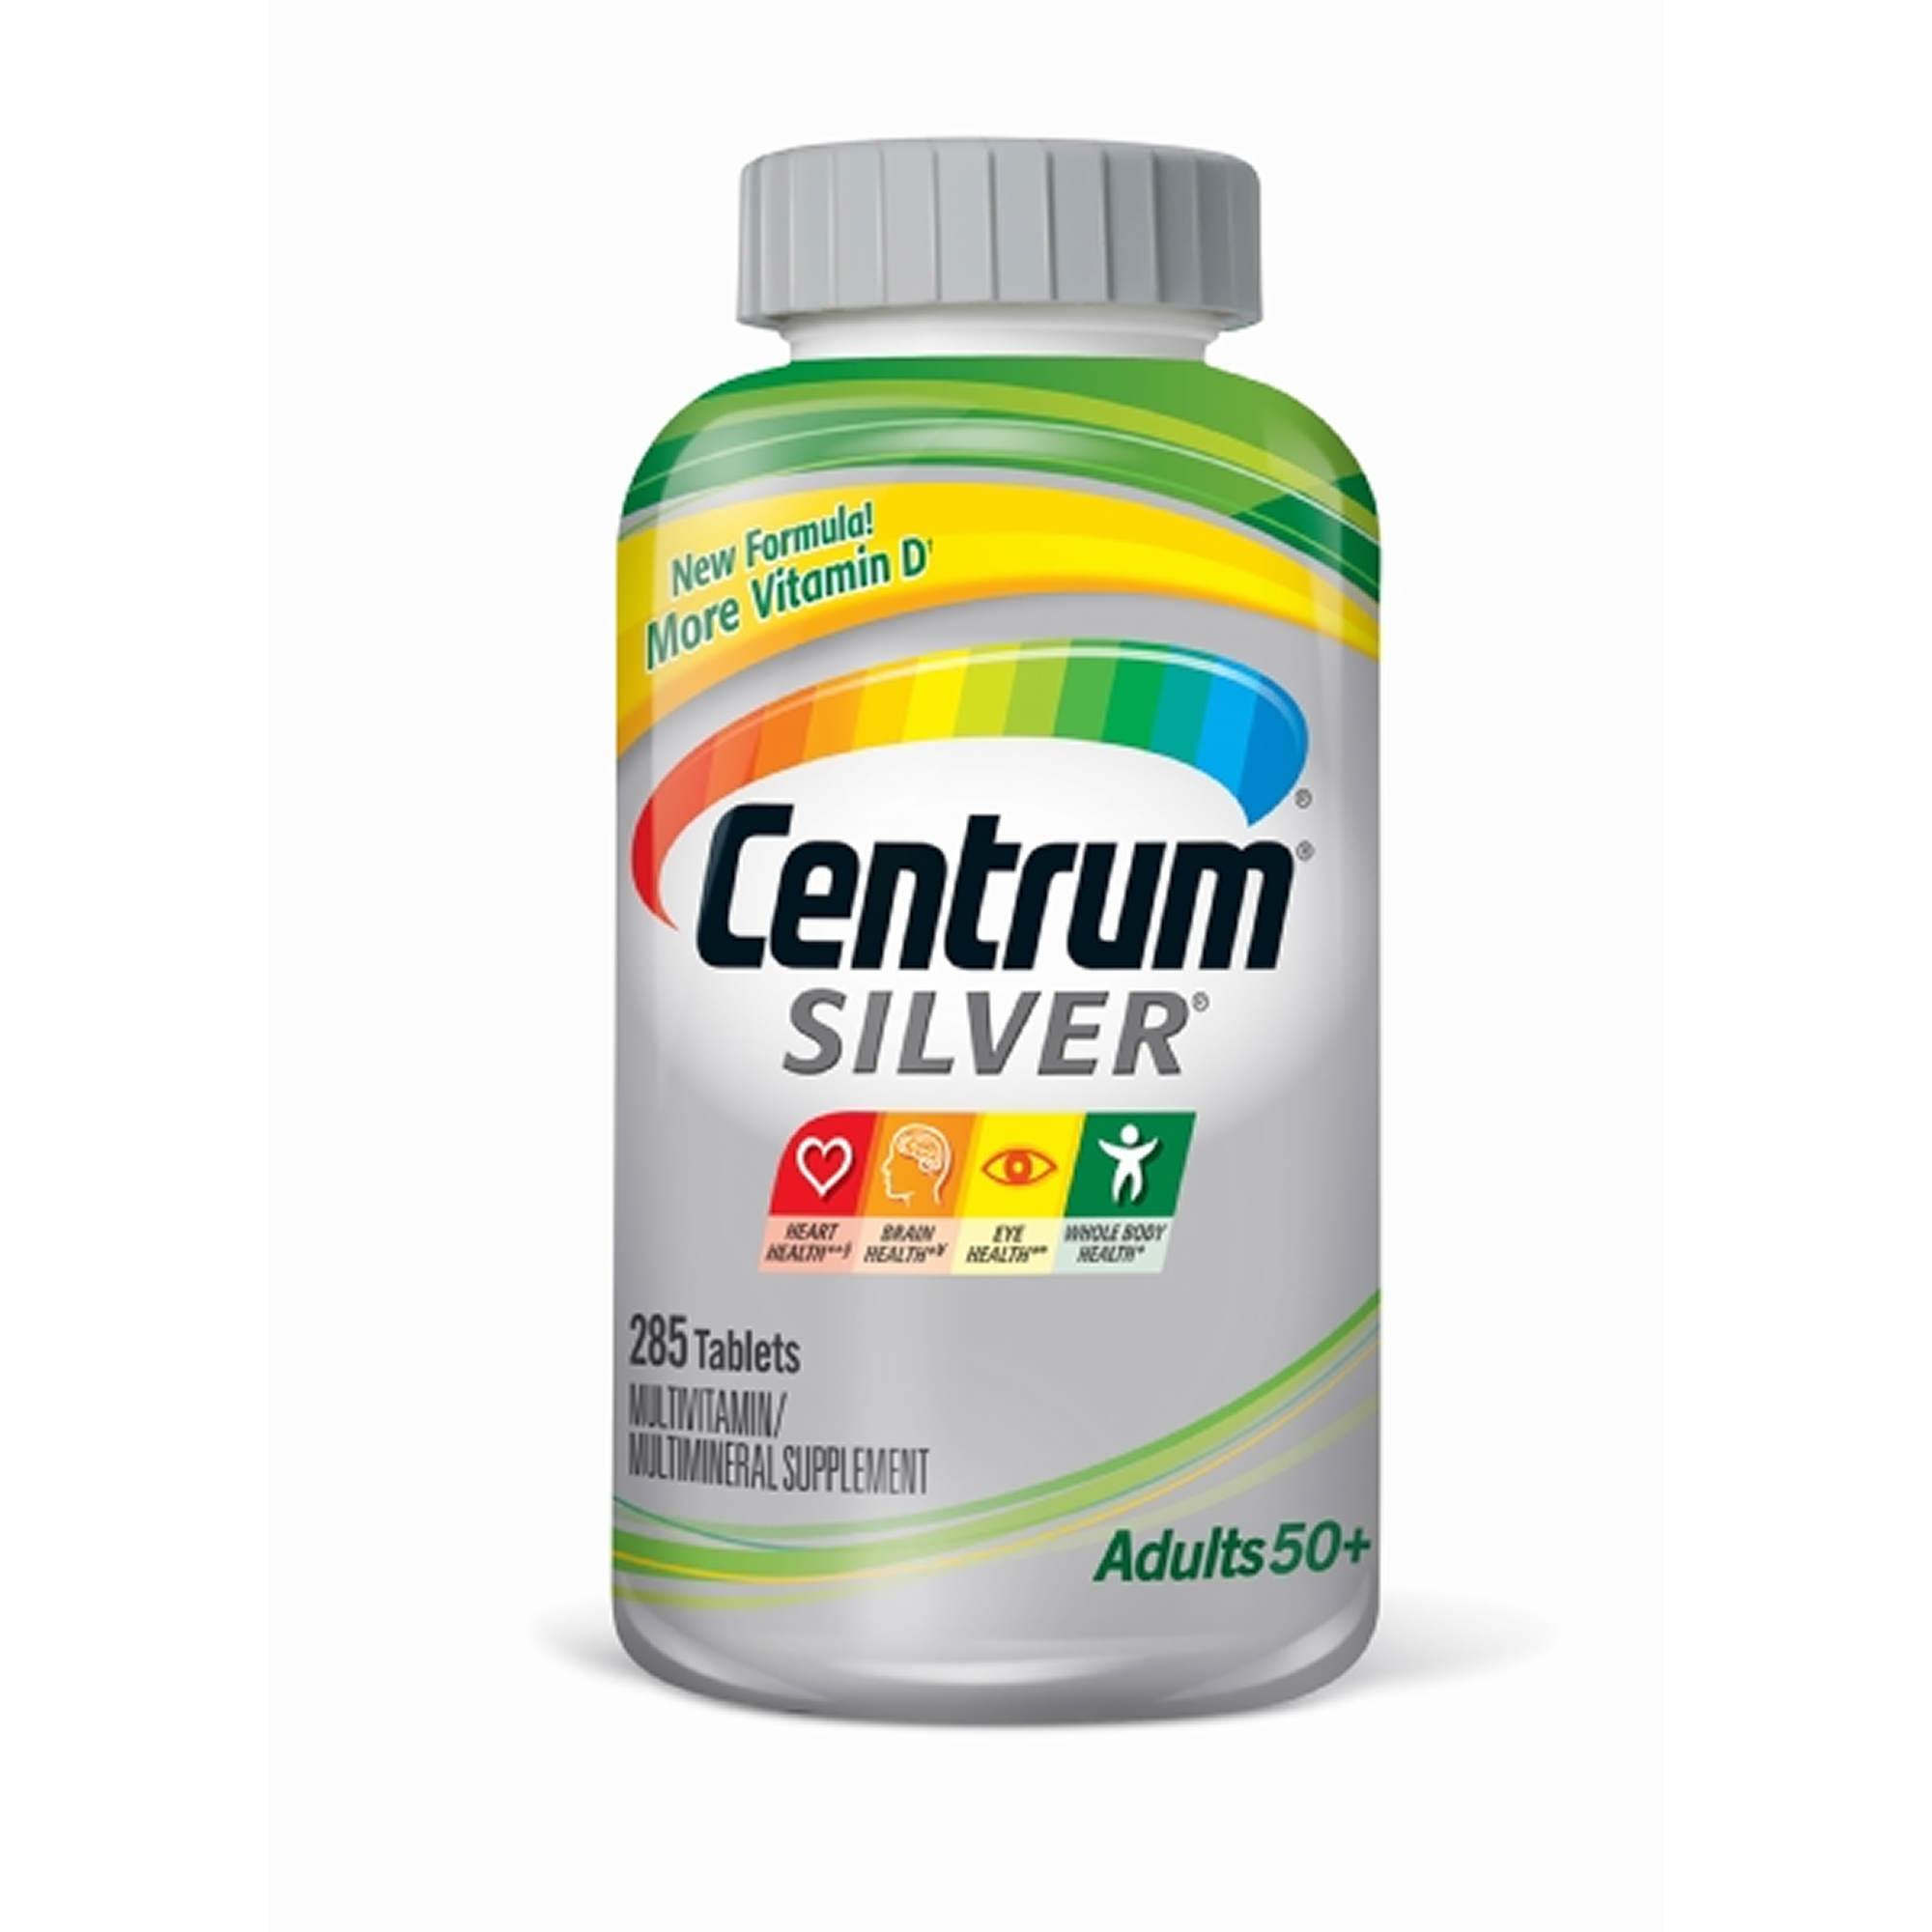 Really. Centrum silver vitamins sorry